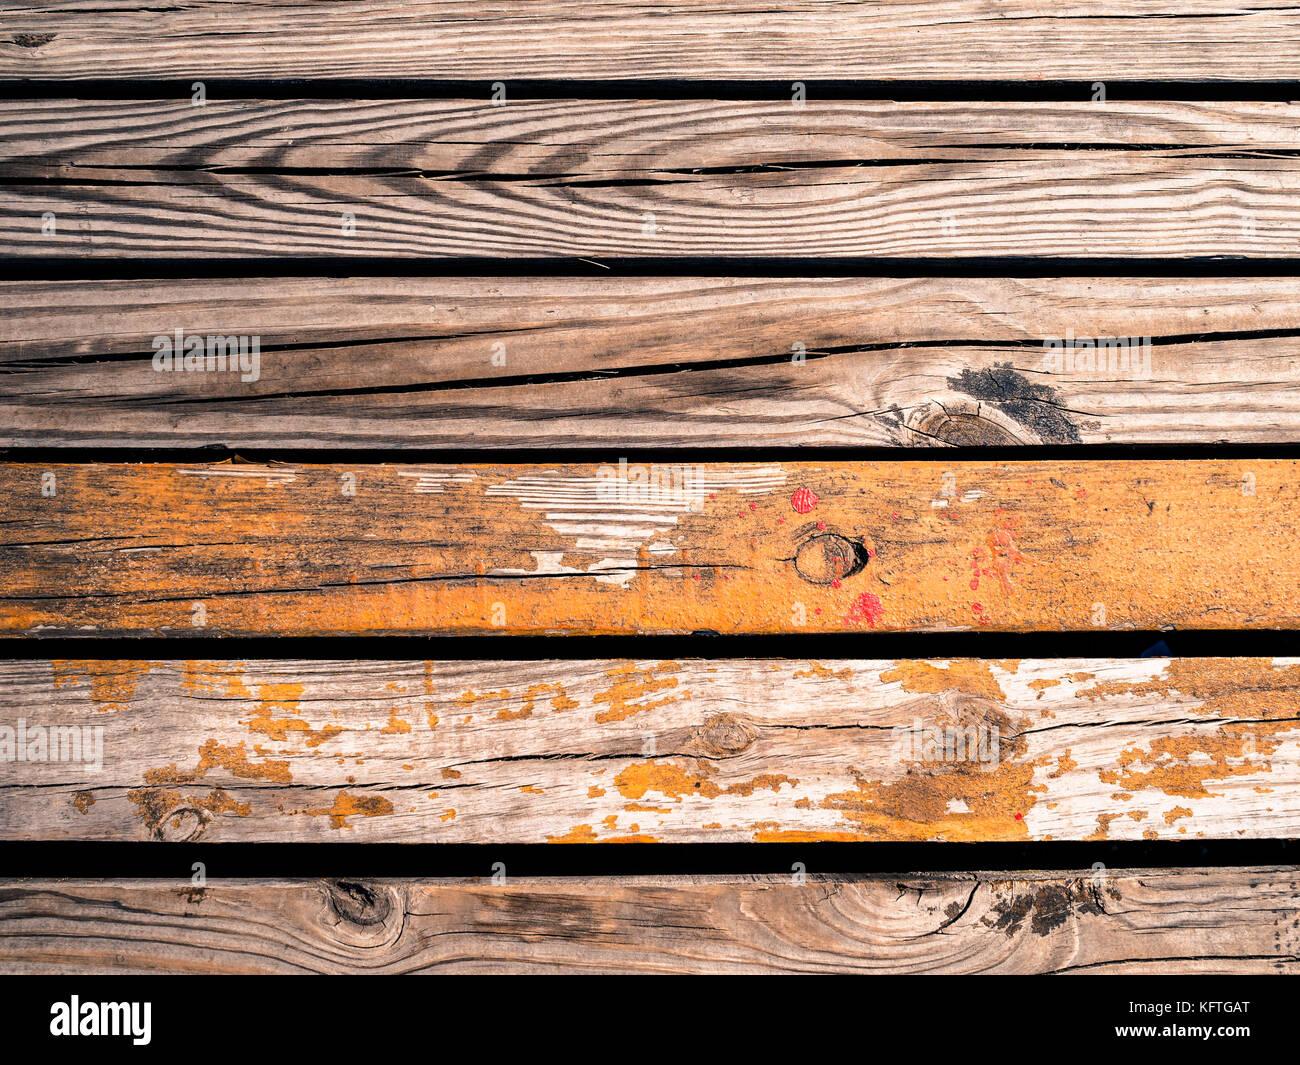 alte holzbohlen kiesige holz textur hintergrund stockfoto, bild